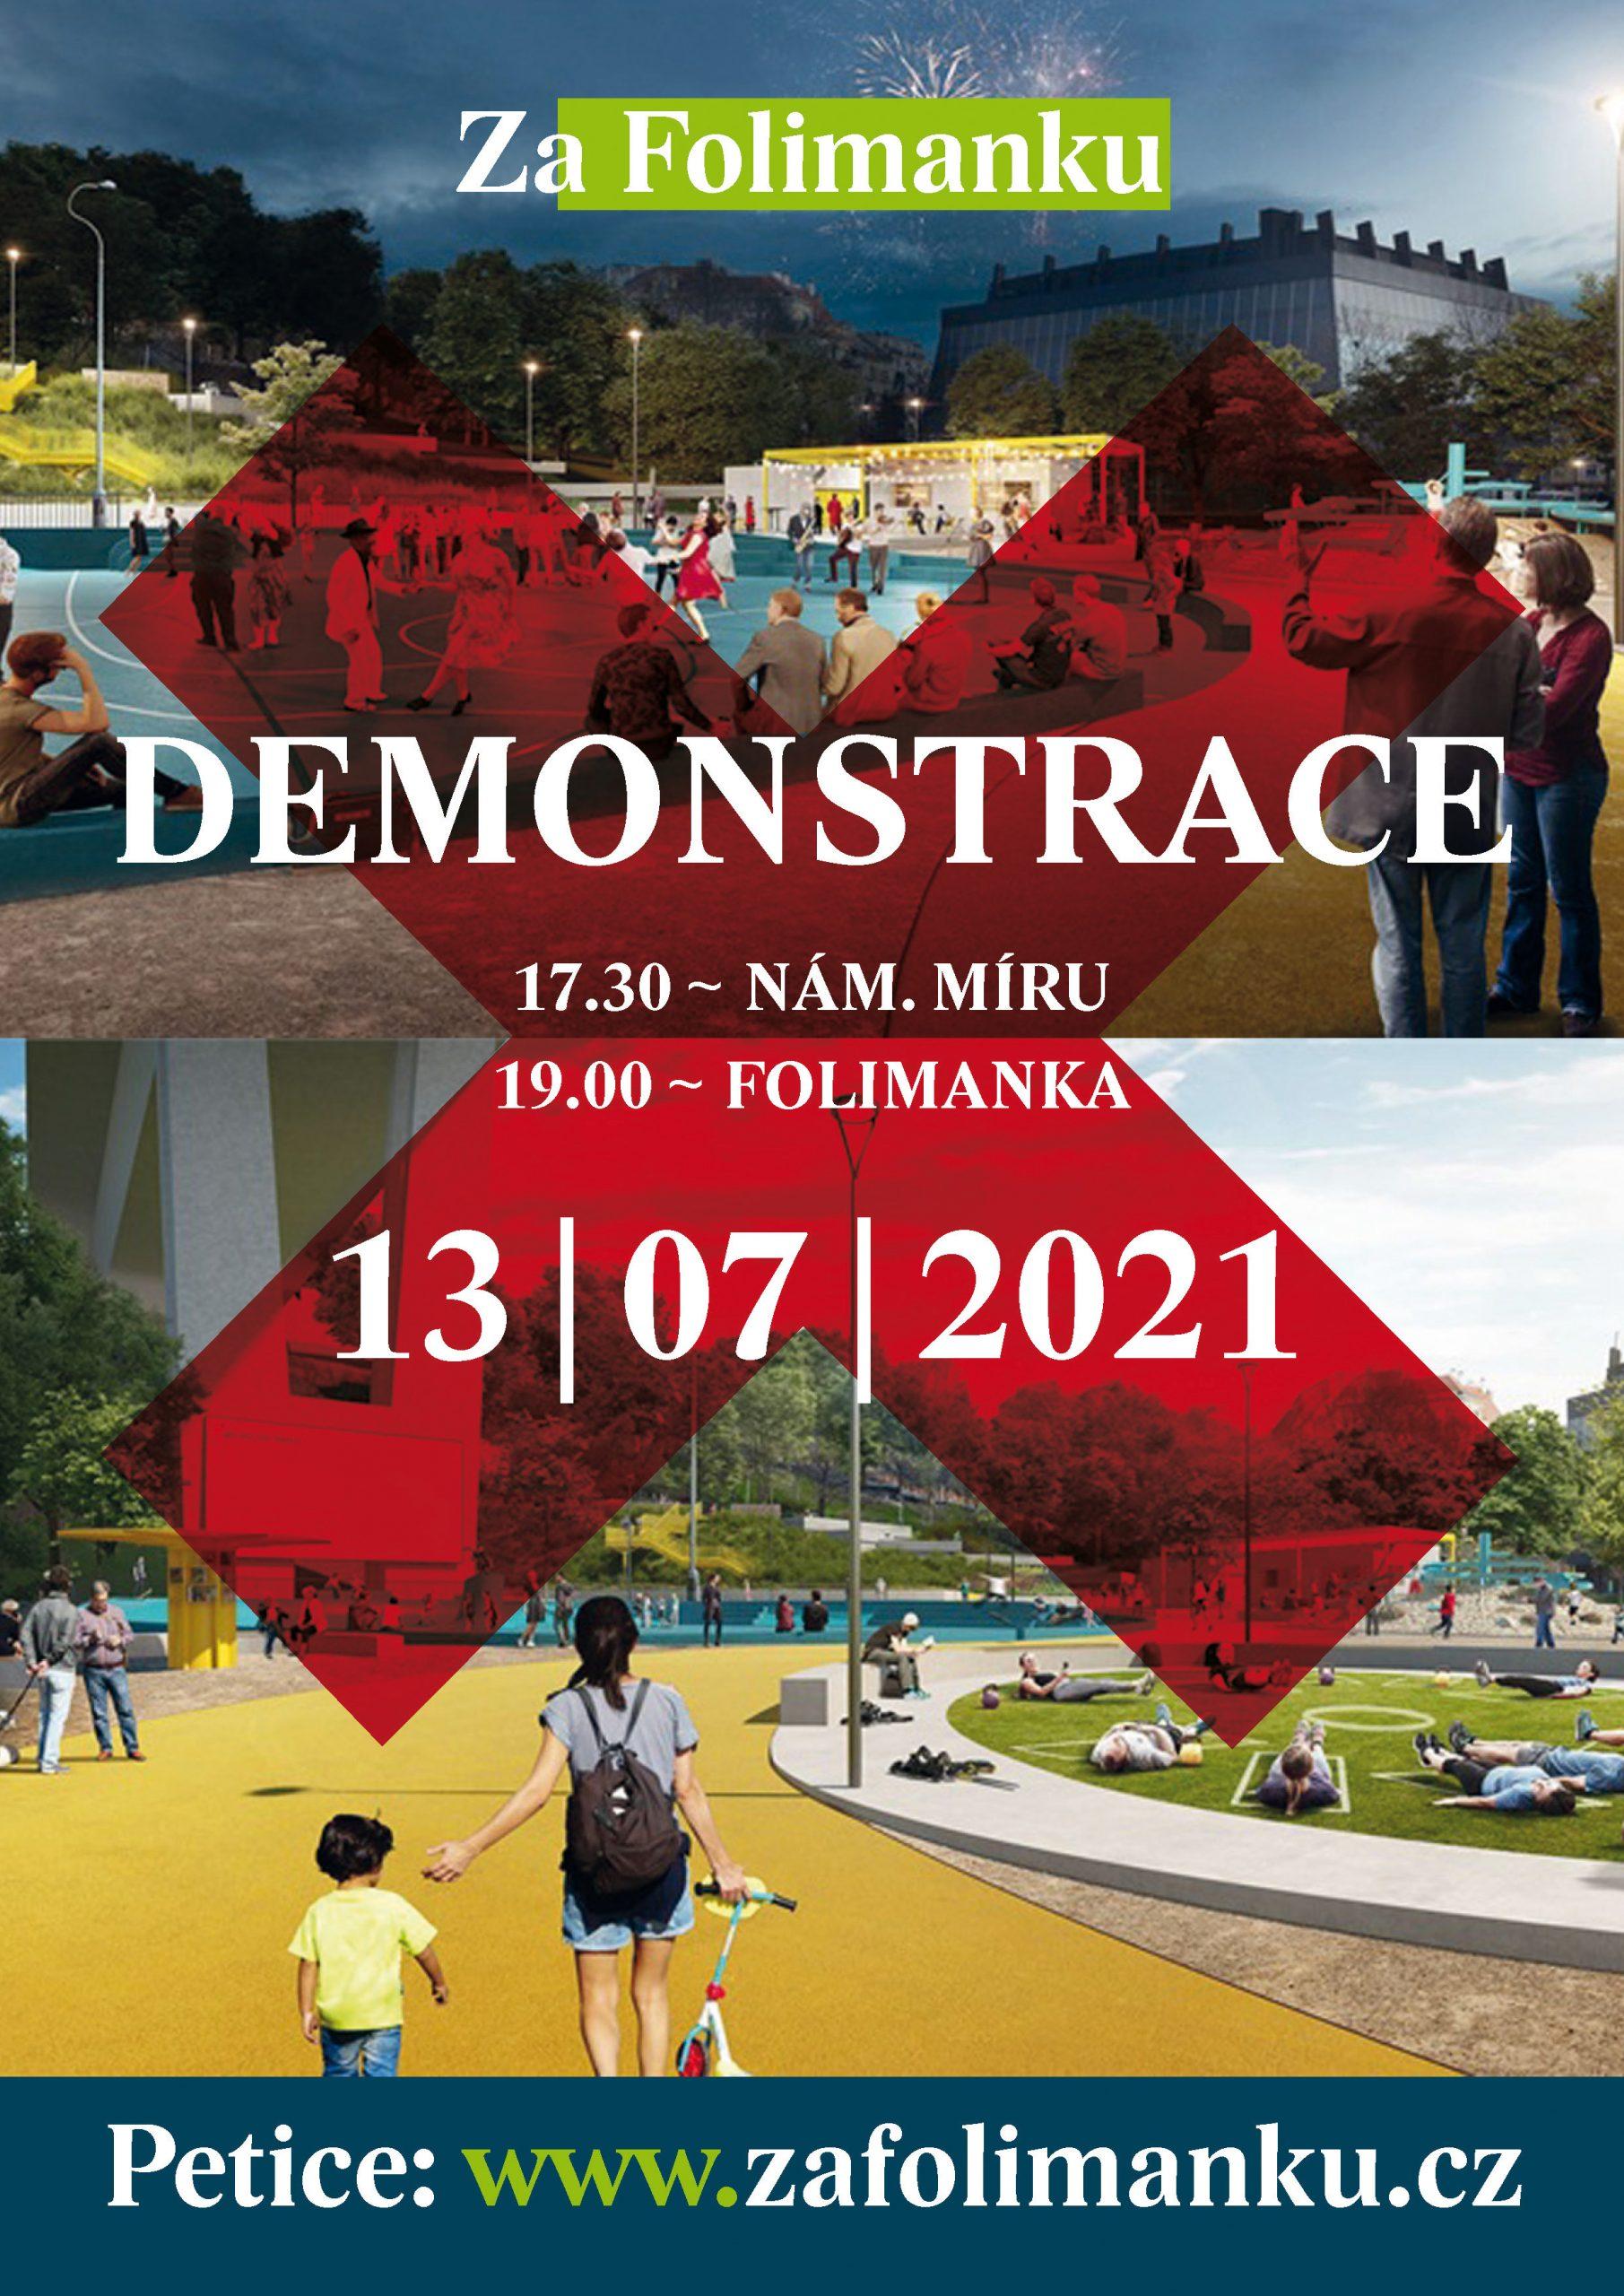 Demonstrace za Folimanku bude 13. 7. 2021 na Folimance